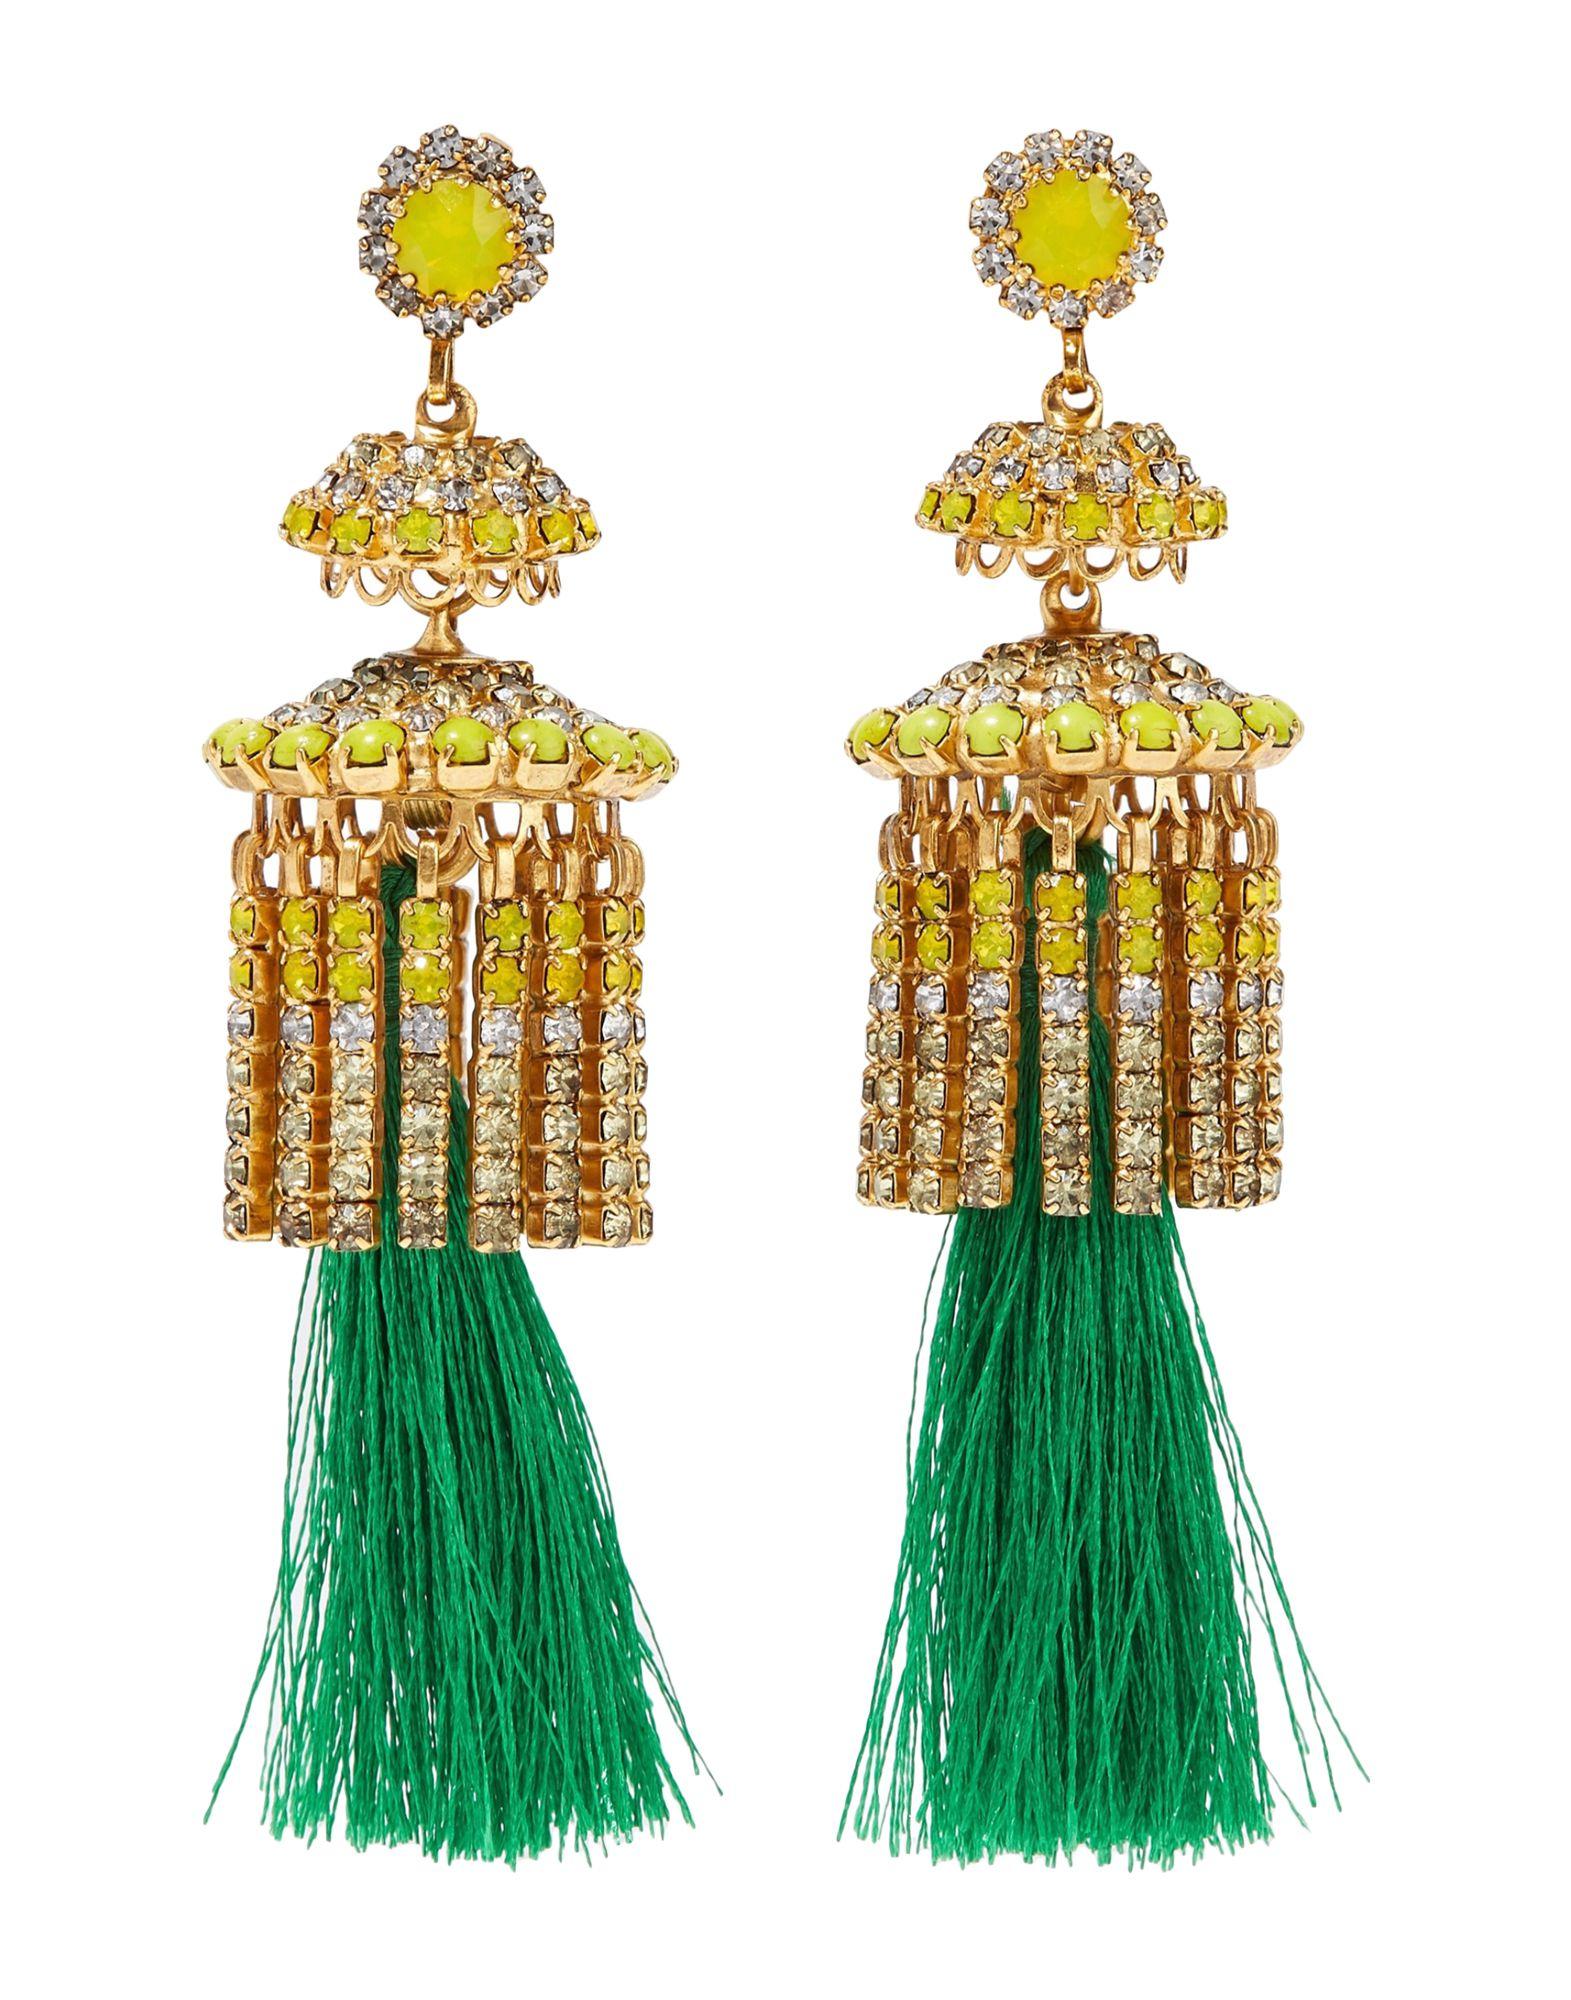 《セール開催中》ELIZABETH COLE レディース イヤリング グリーン 金属 / 紡績繊維